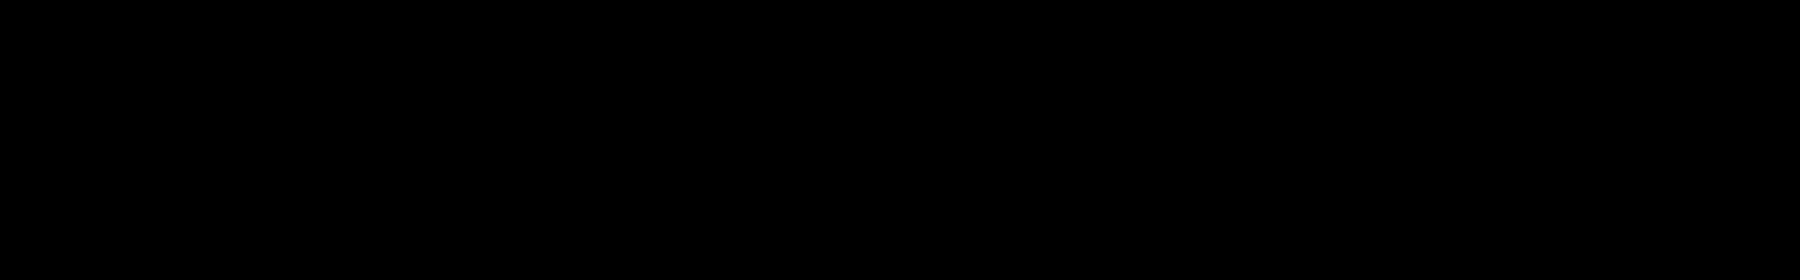 Lazer Tunez 2 audio waveform